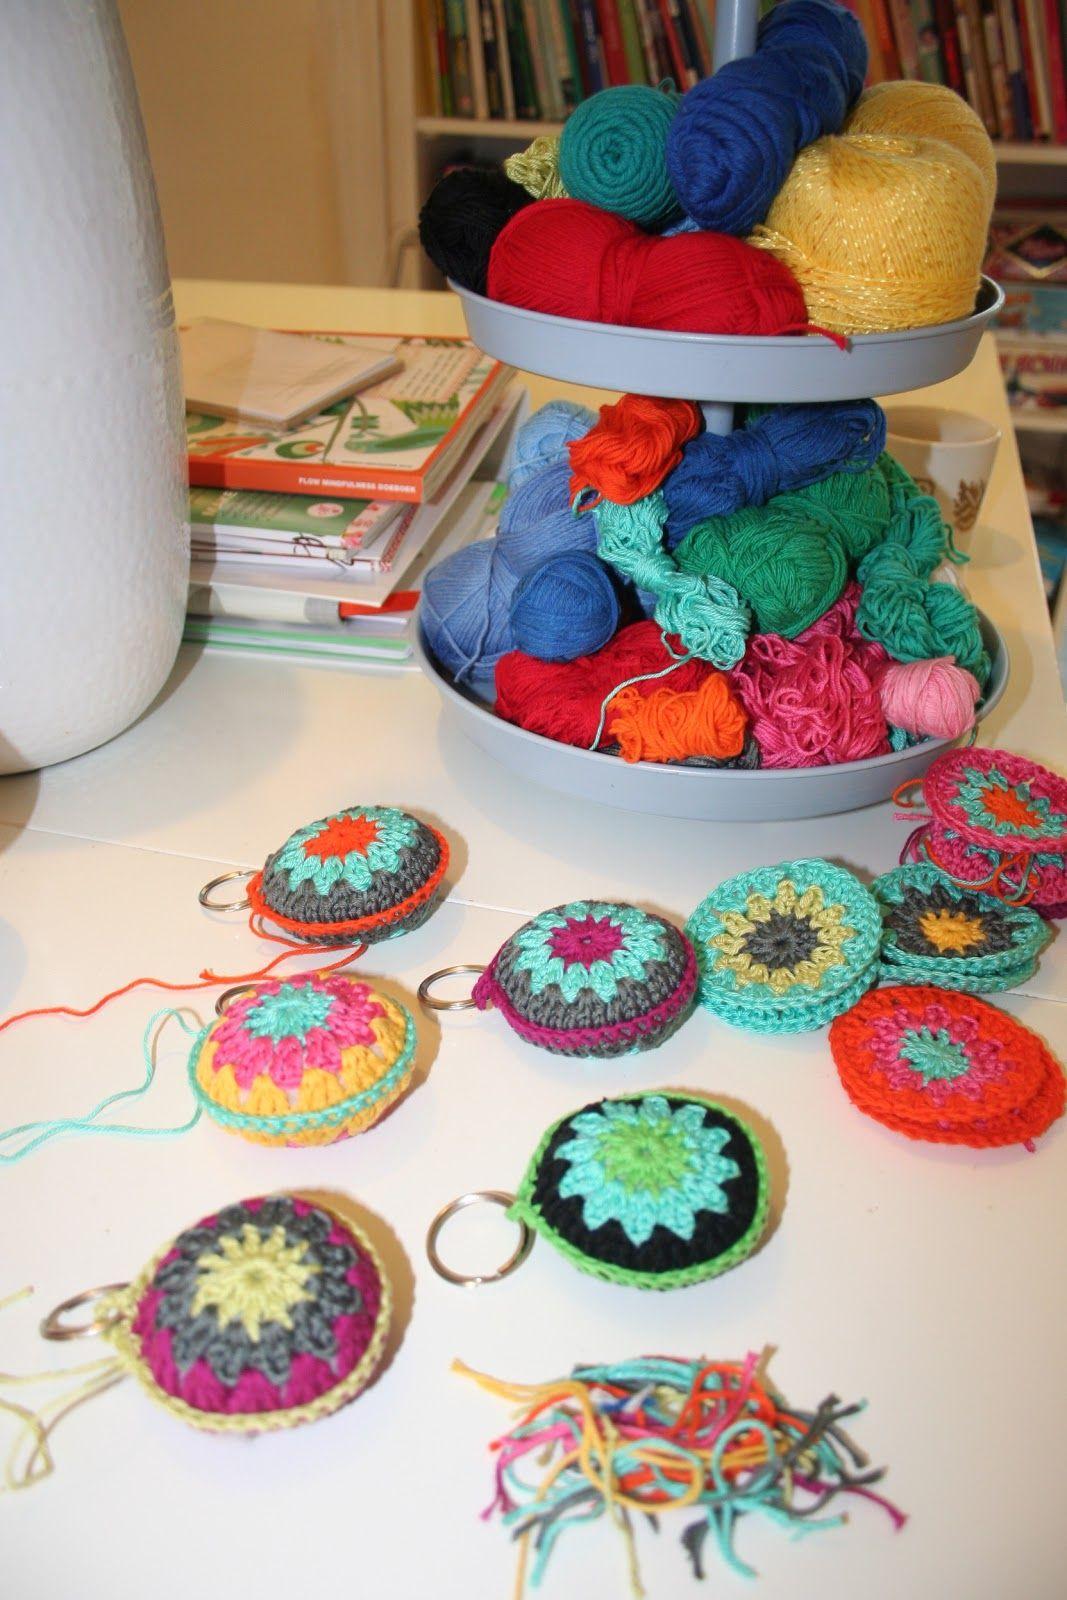 rondjes haken crochet circles   Haken, Haakpatronen, Patronen